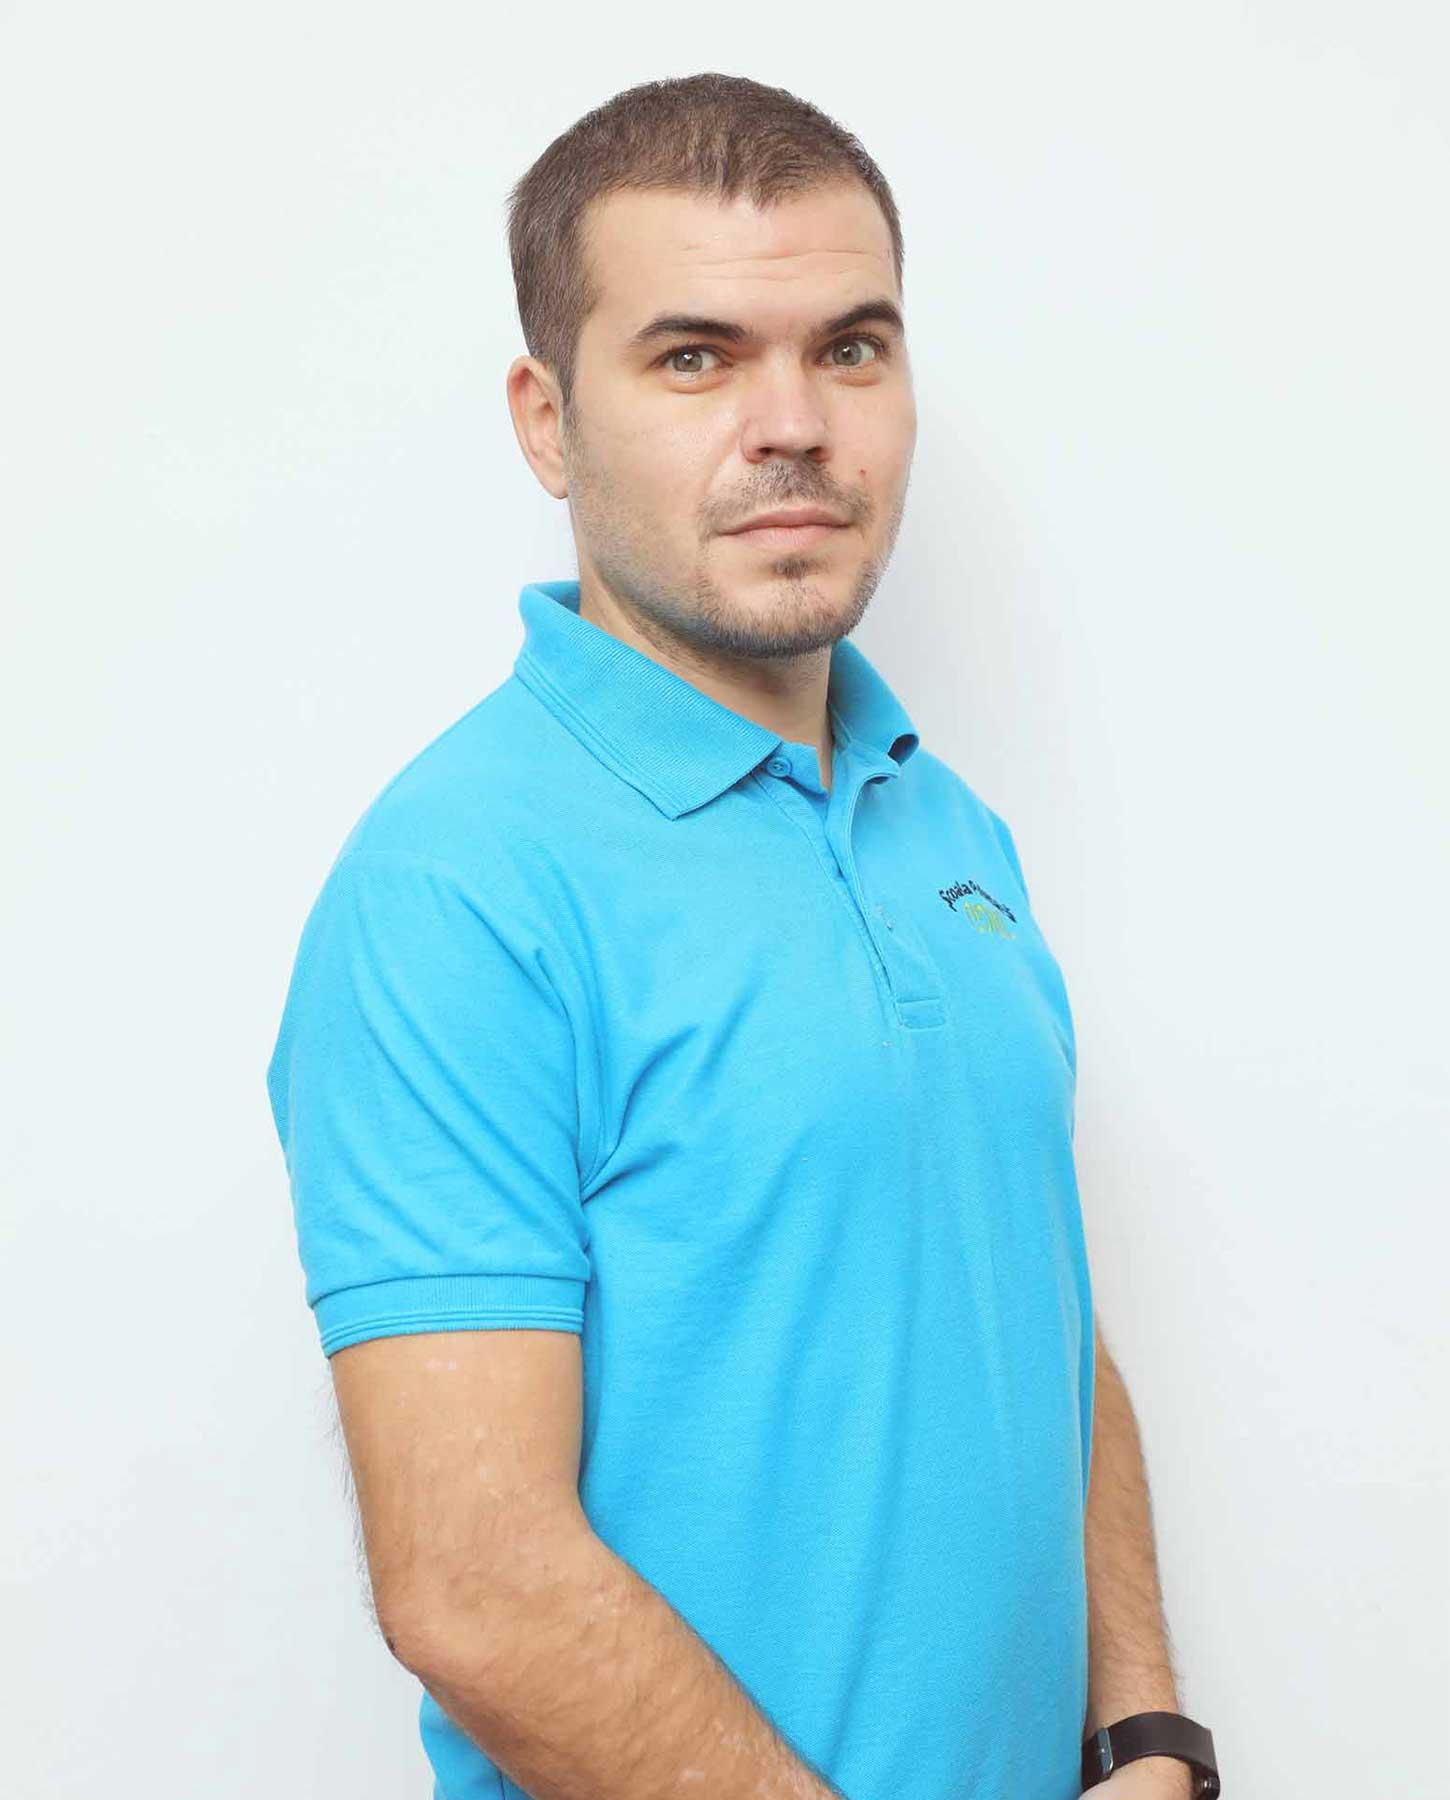 Ionuț Sandu